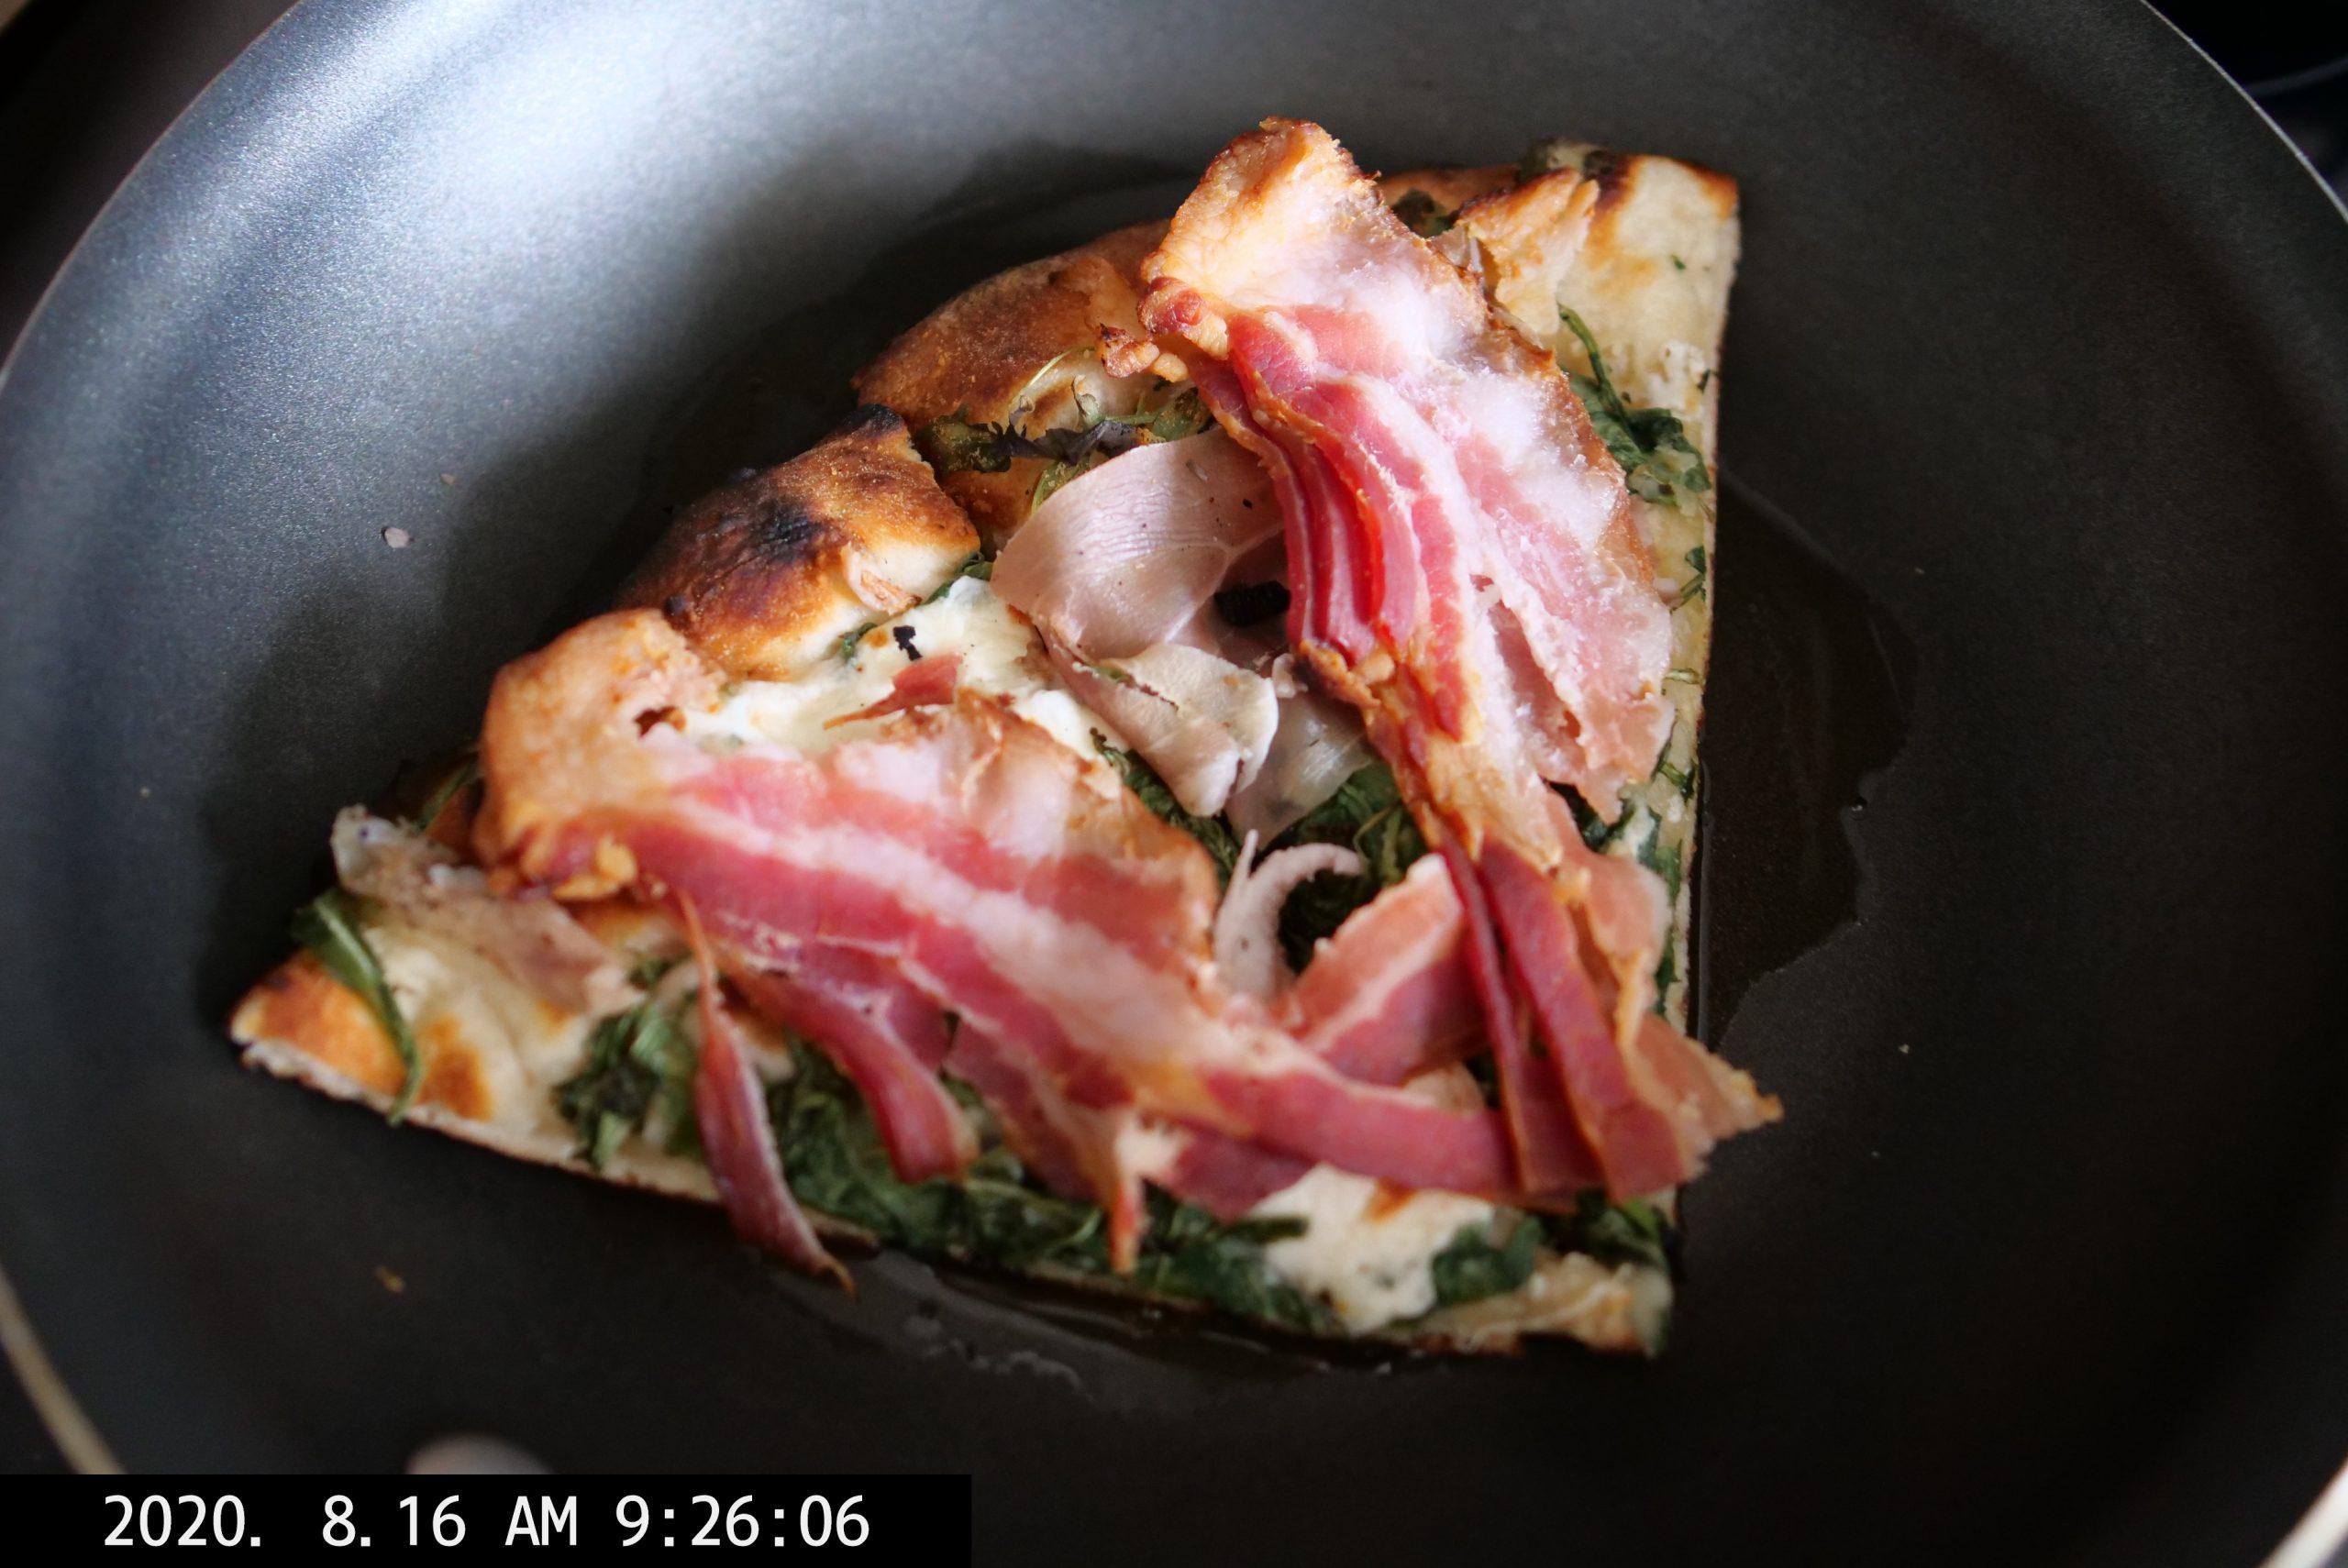 food camera Lumix pizza bacon